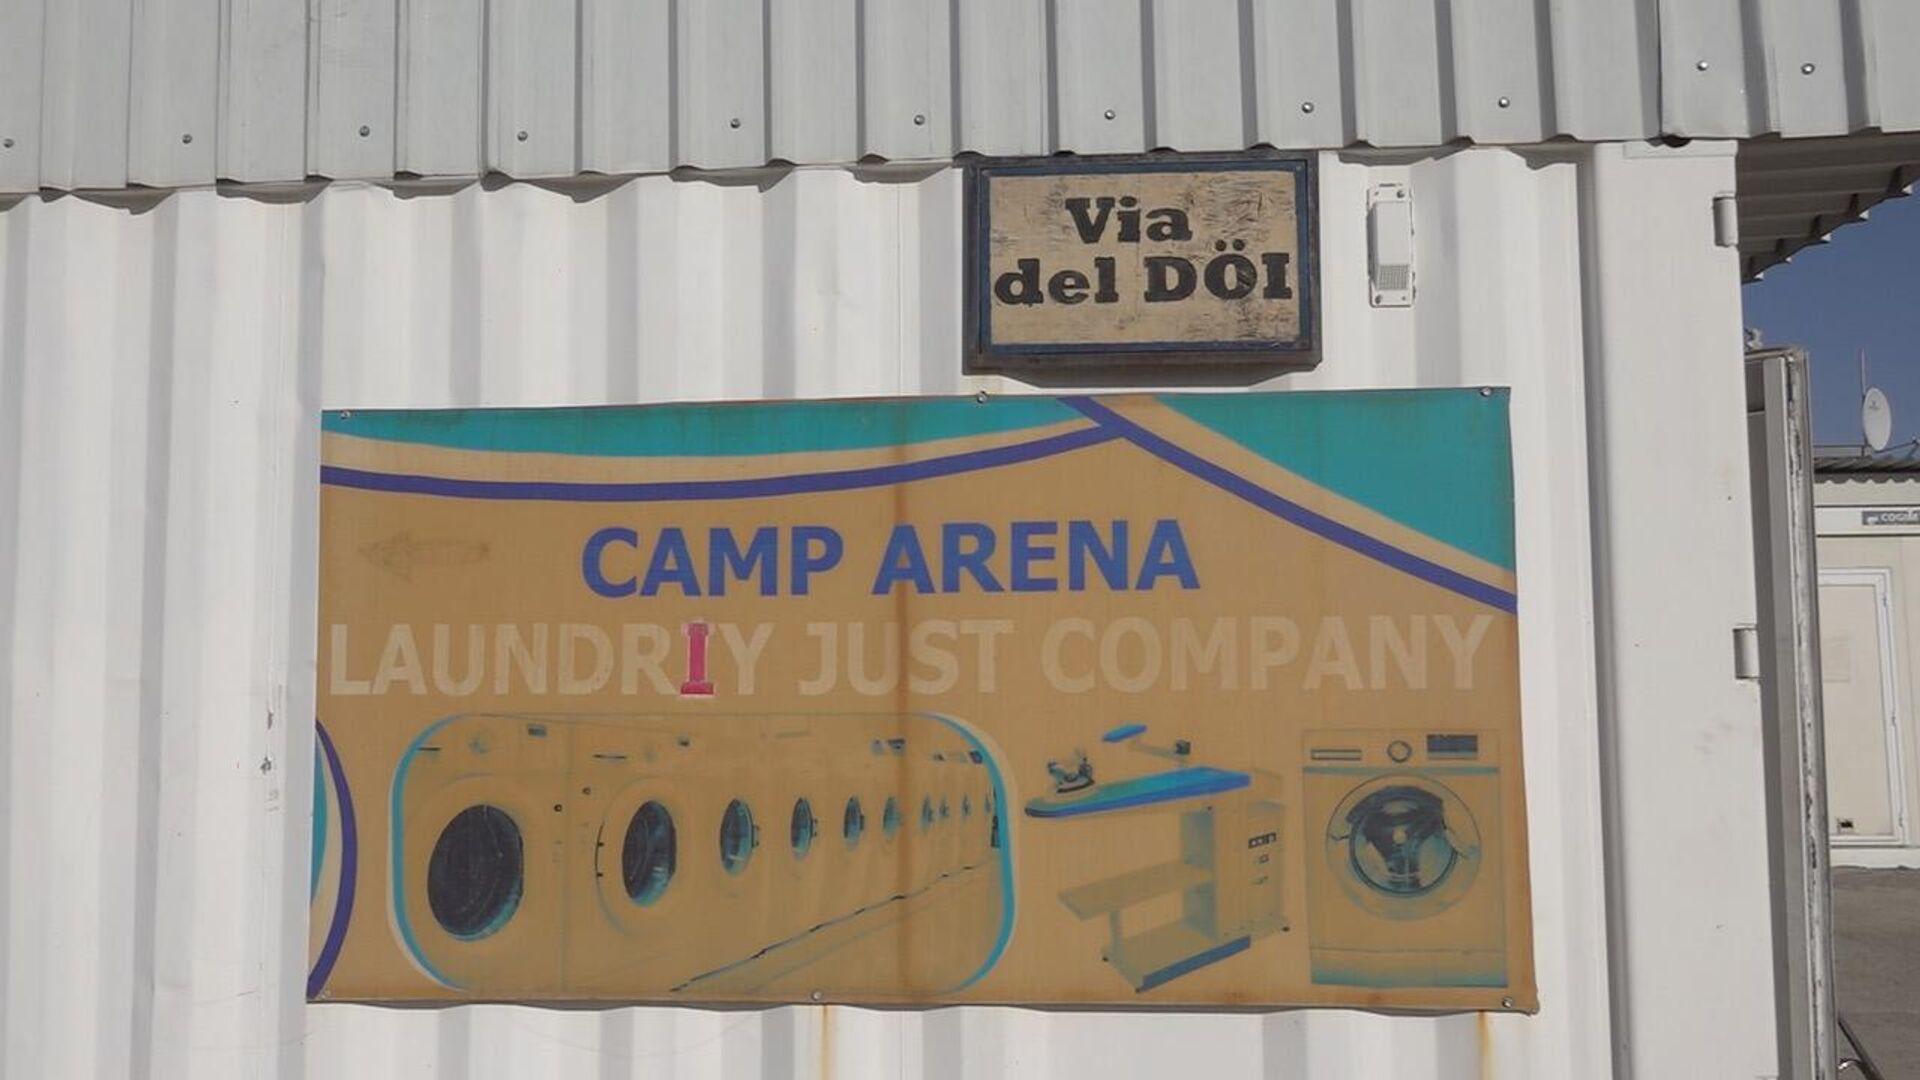 """L'insegna """"Via del Döi"""" nella base di Camp Arena (Herat) - Sputnik Italia, 1920, 24.09.2021"""